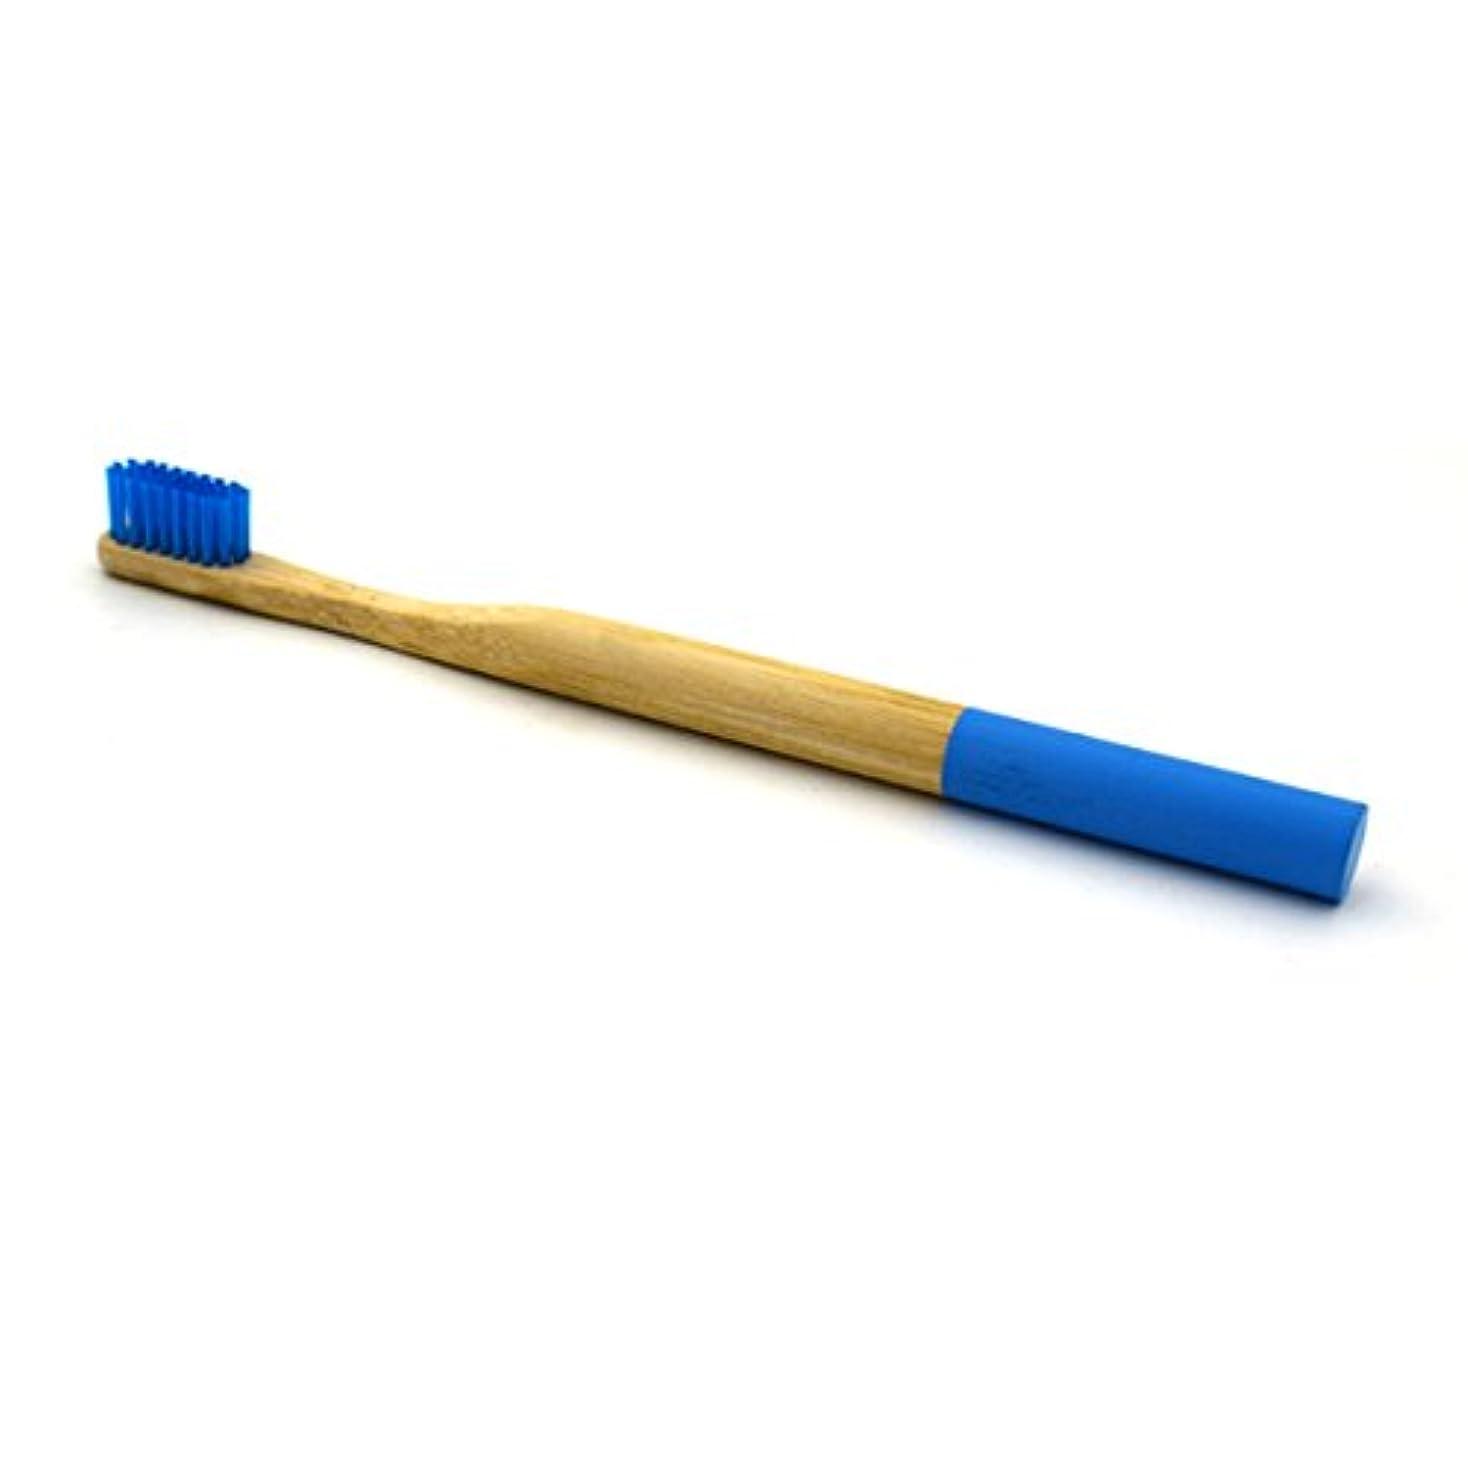 エスカレーターマラドロイト学校HEALLILY竹製の歯ブラシ天然木炭竹製の歯ブラシ大人用柔らかい剛毛の歯ブラシ(ブルー)